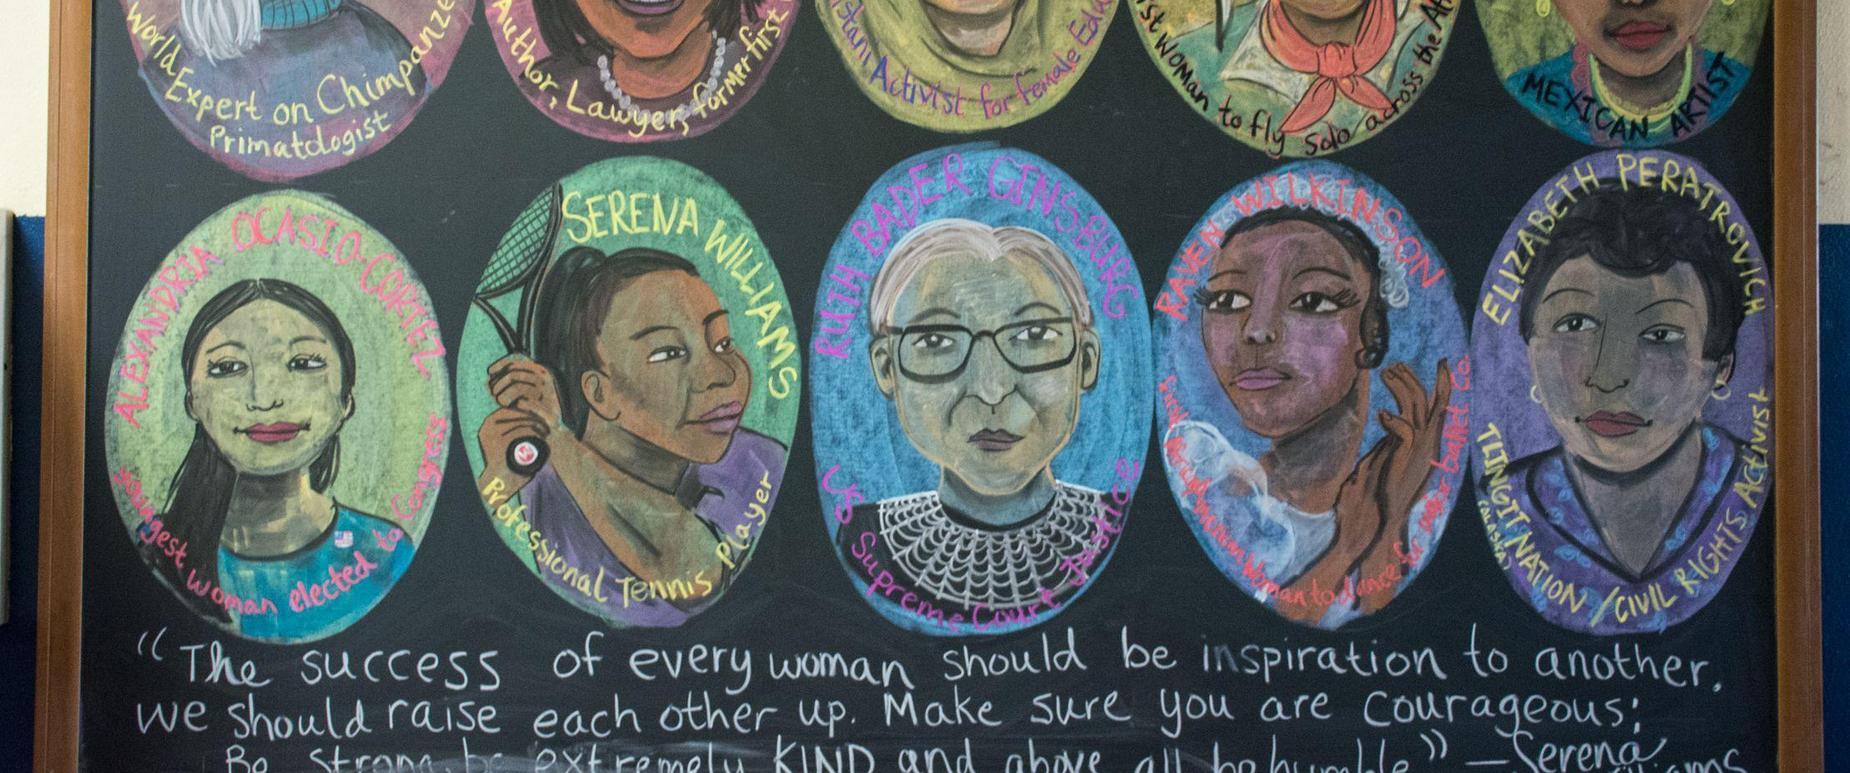 Women's History Month chalkboard